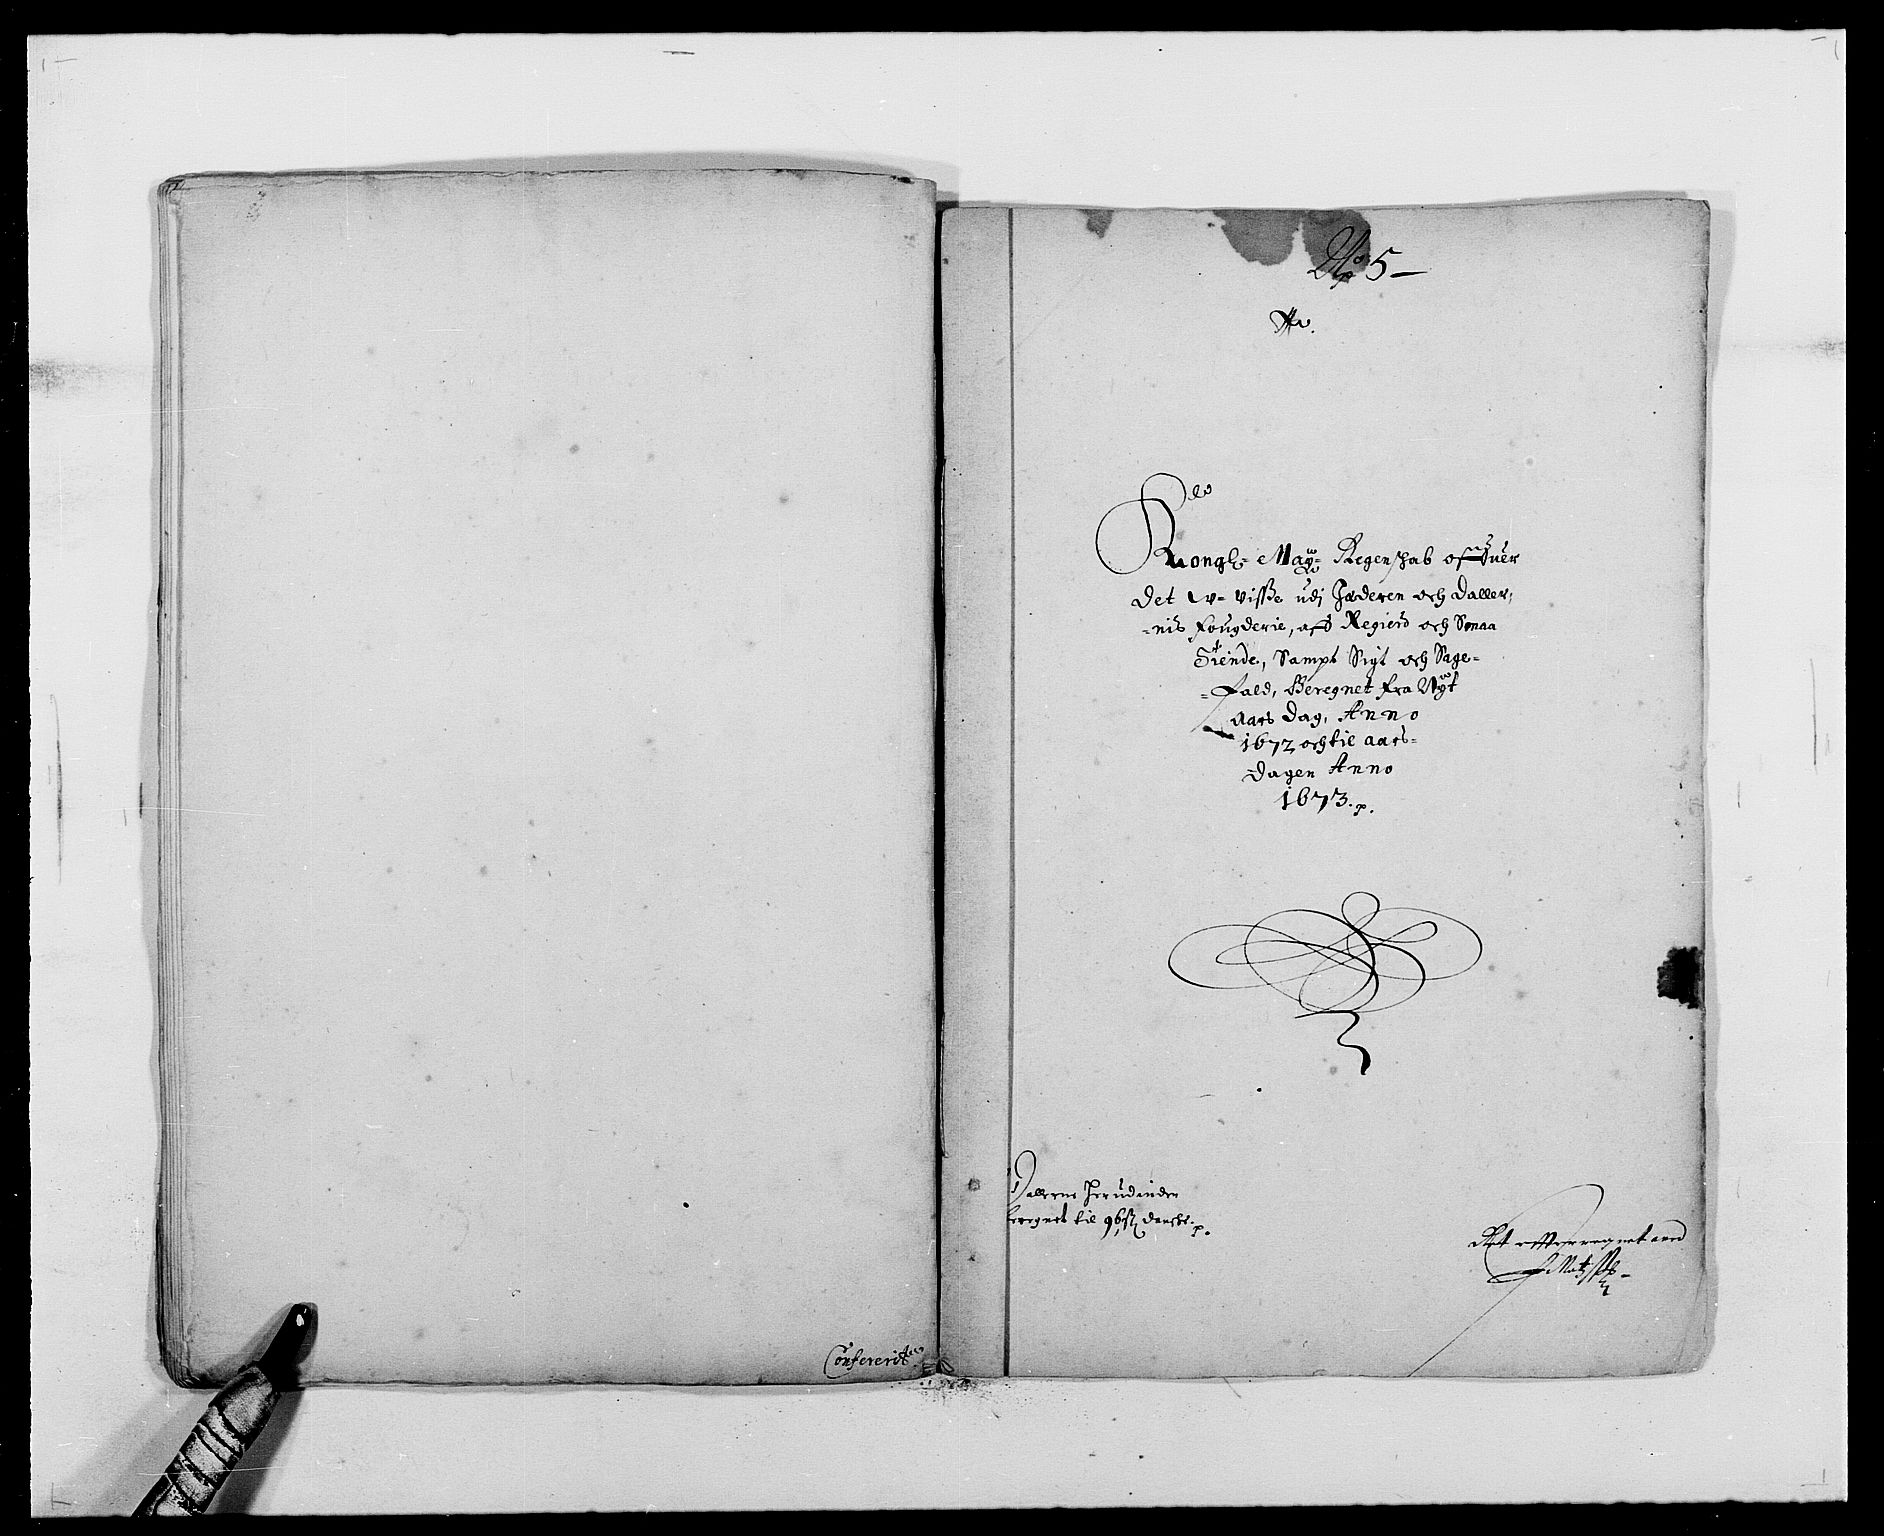 RA, Rentekammeret inntil 1814, Reviderte regnskaper, Fogderegnskap, R46/L2713: Fogderegnskap Jæren og Dalane, 1671-1672, s. 270